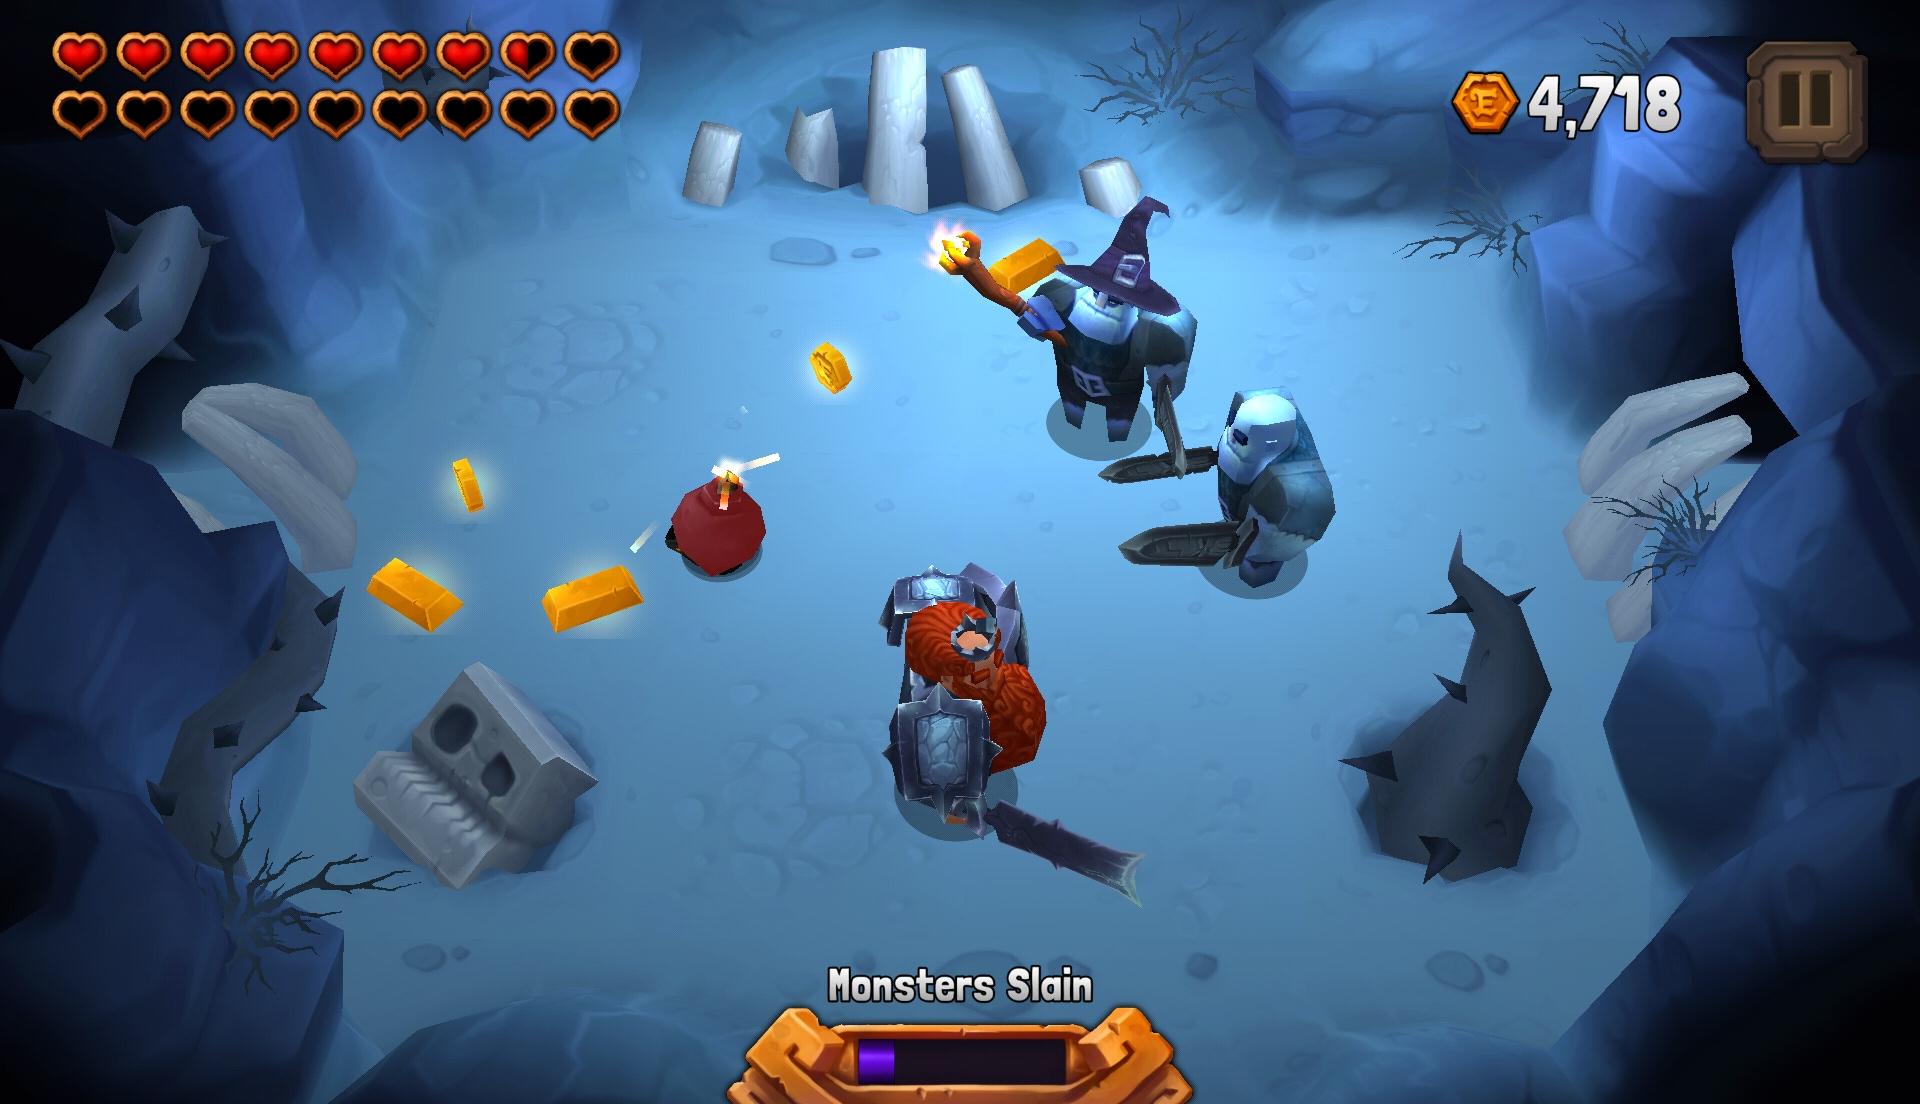 Prima di passare alla prossima zona, bisognerà sgomberare il cancello tramite una sorta di missione in stile survival.